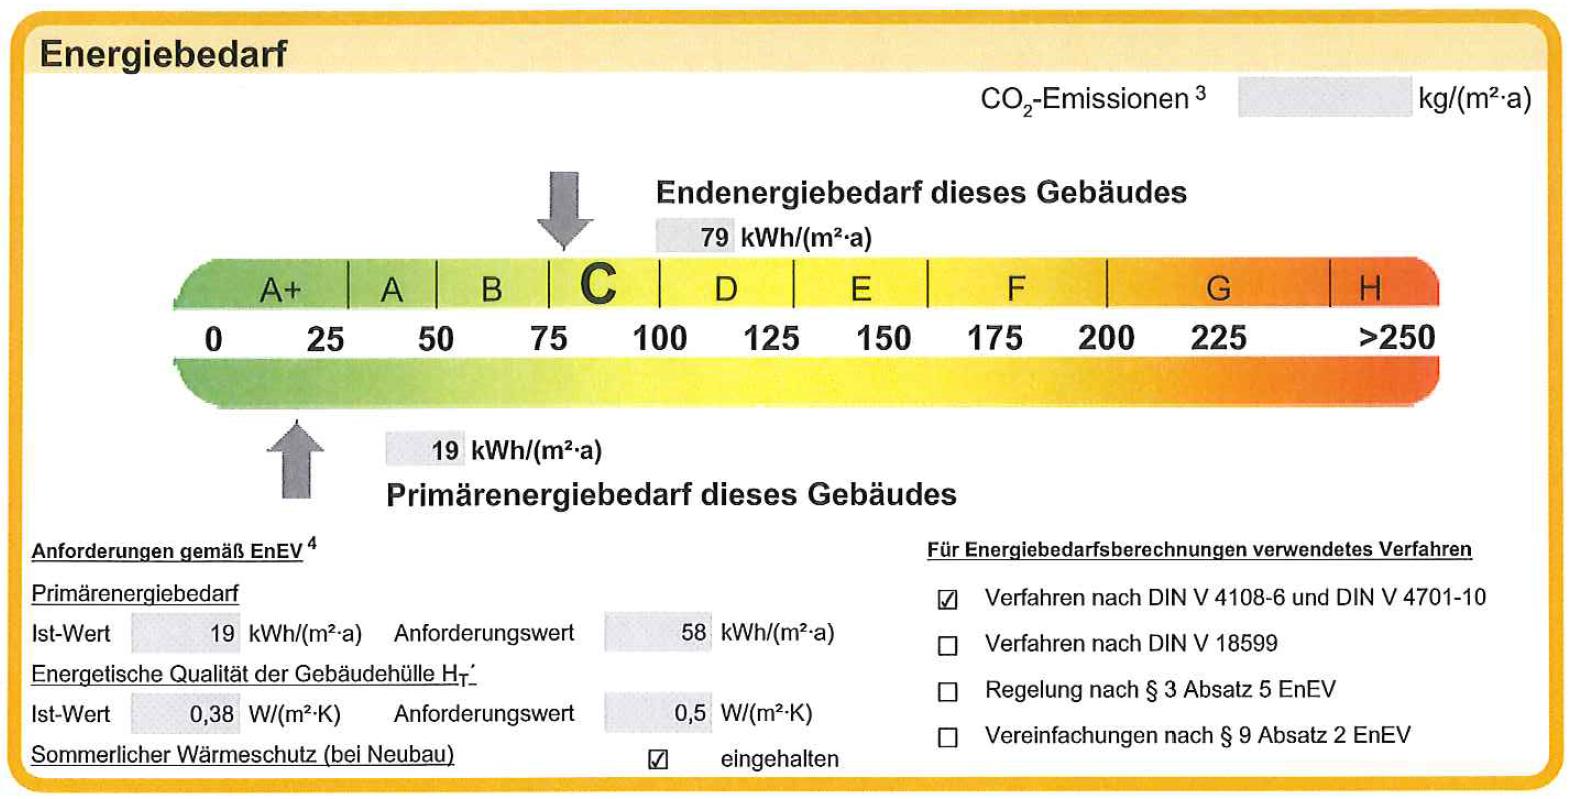 Bild Des Energiebedarfsausweis Betreutes Wohnen Erfstadt